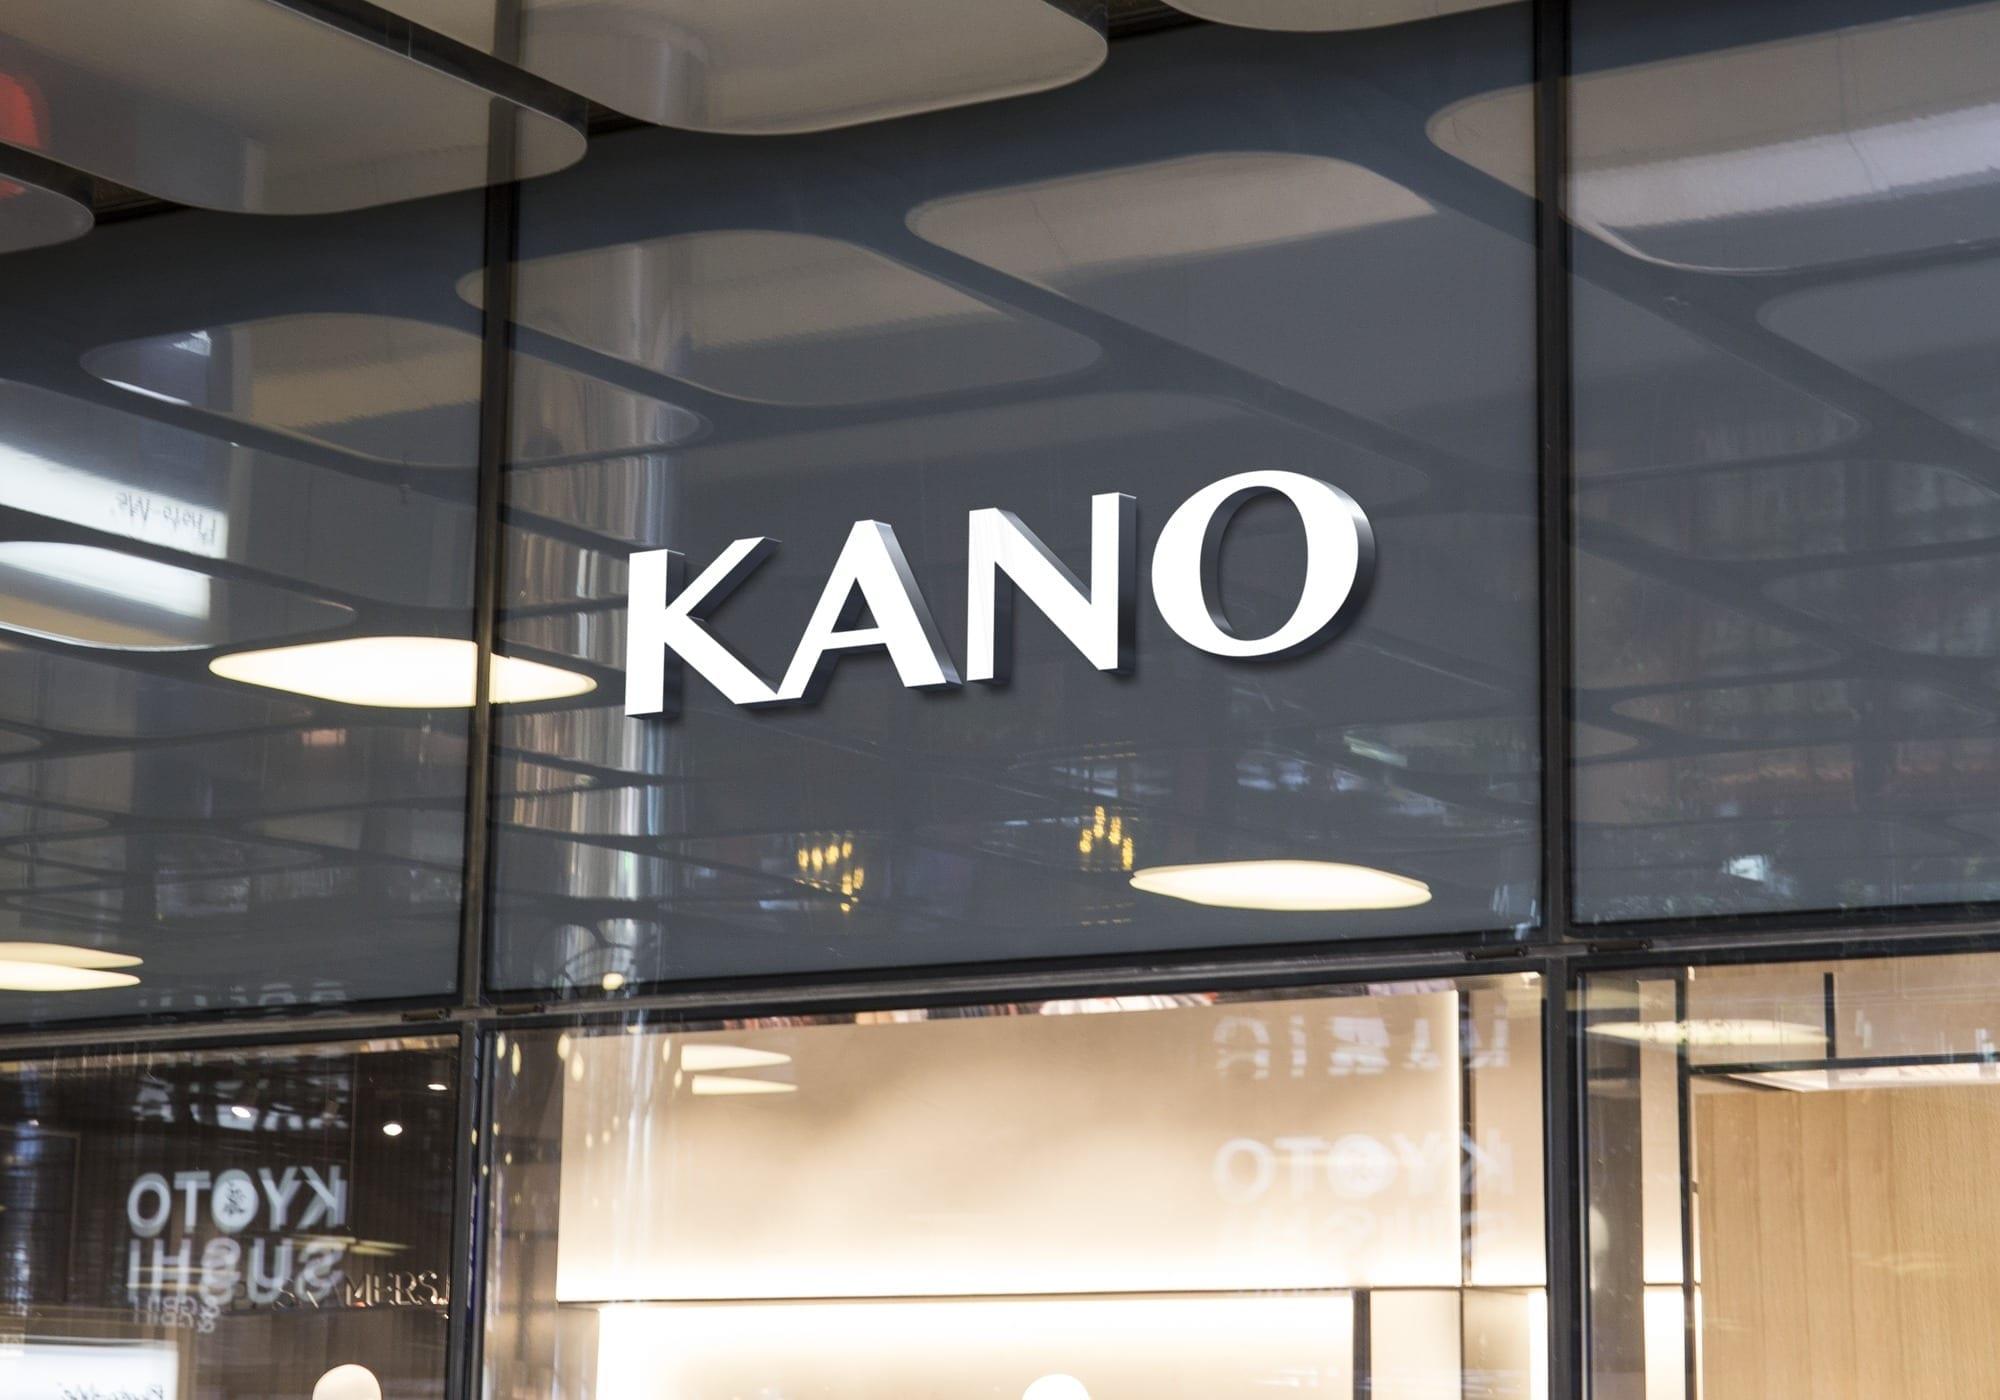 KANO Signage_2k